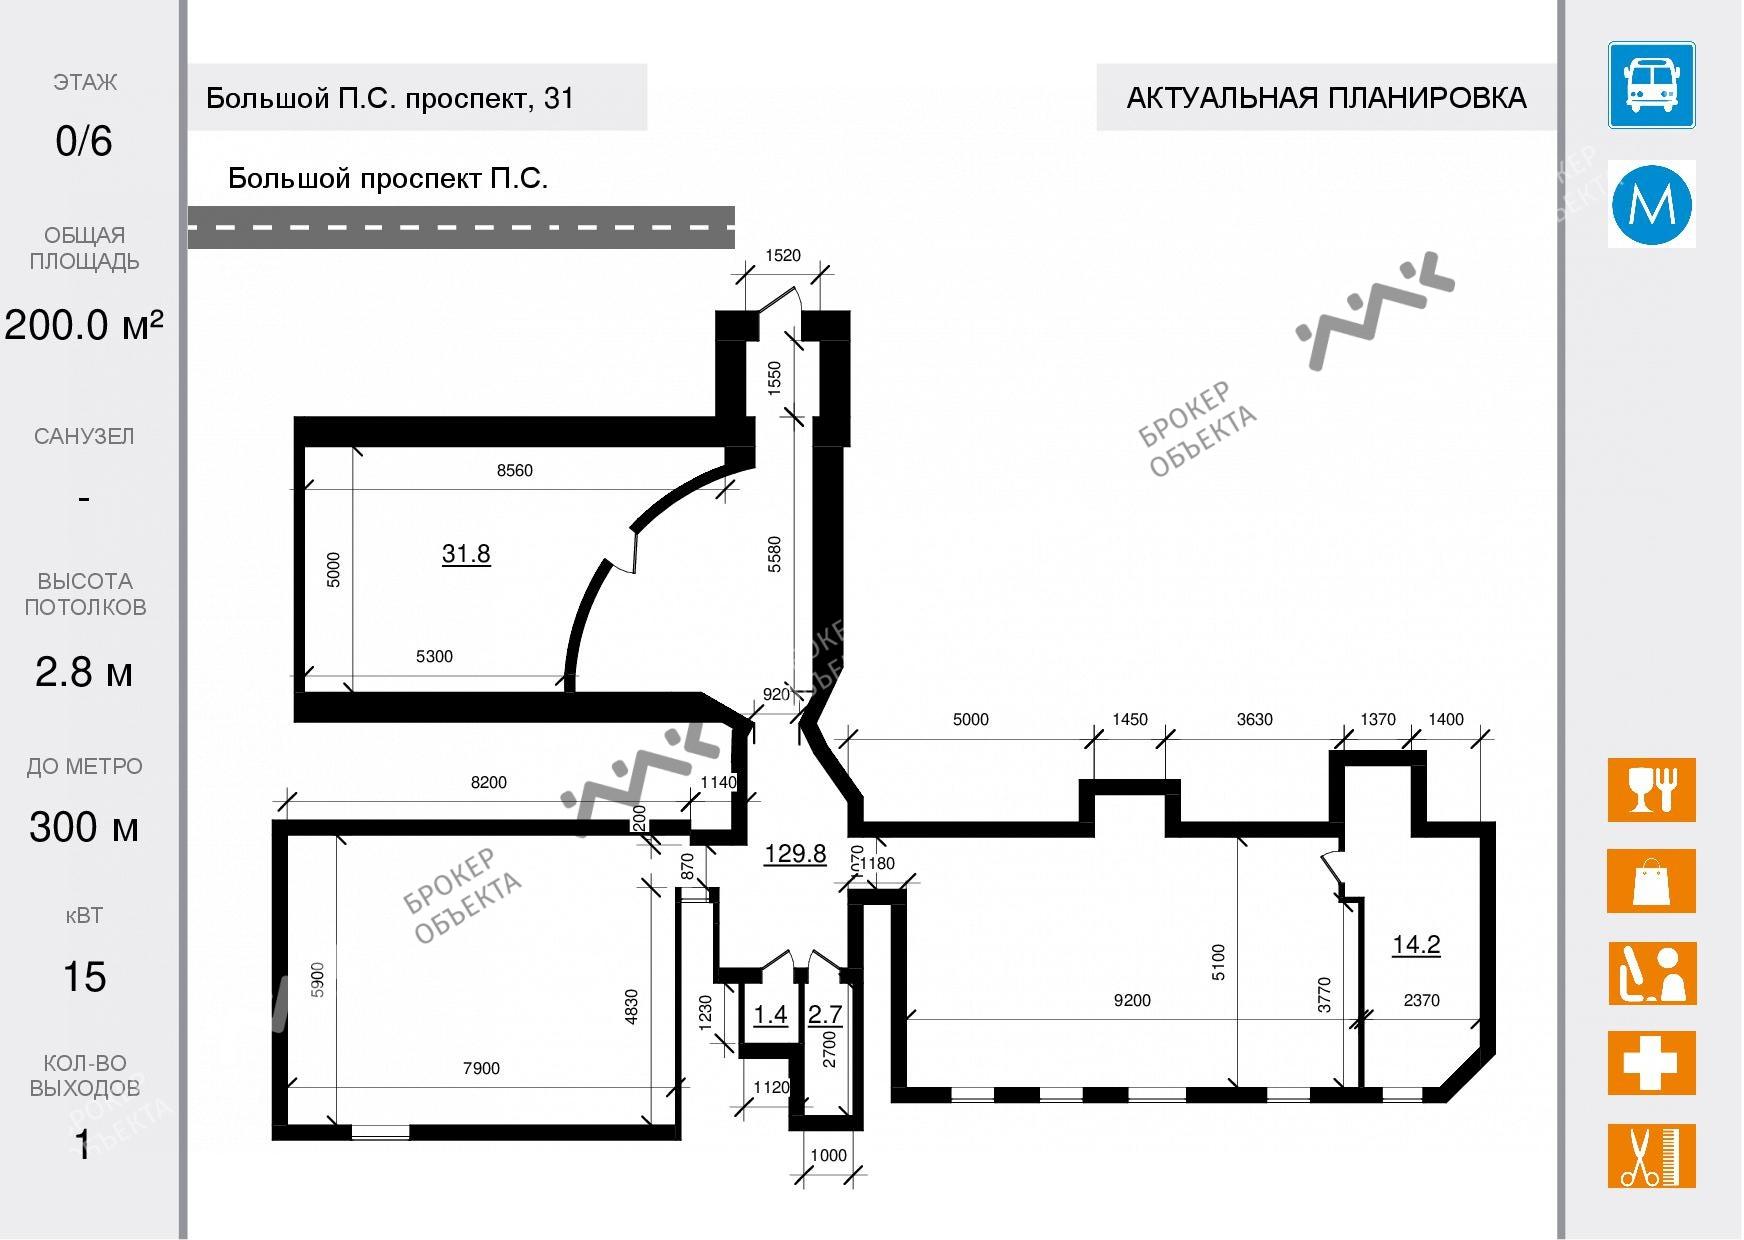 Планировка Большой П.С. проспект, д.31. Лот № 1548603